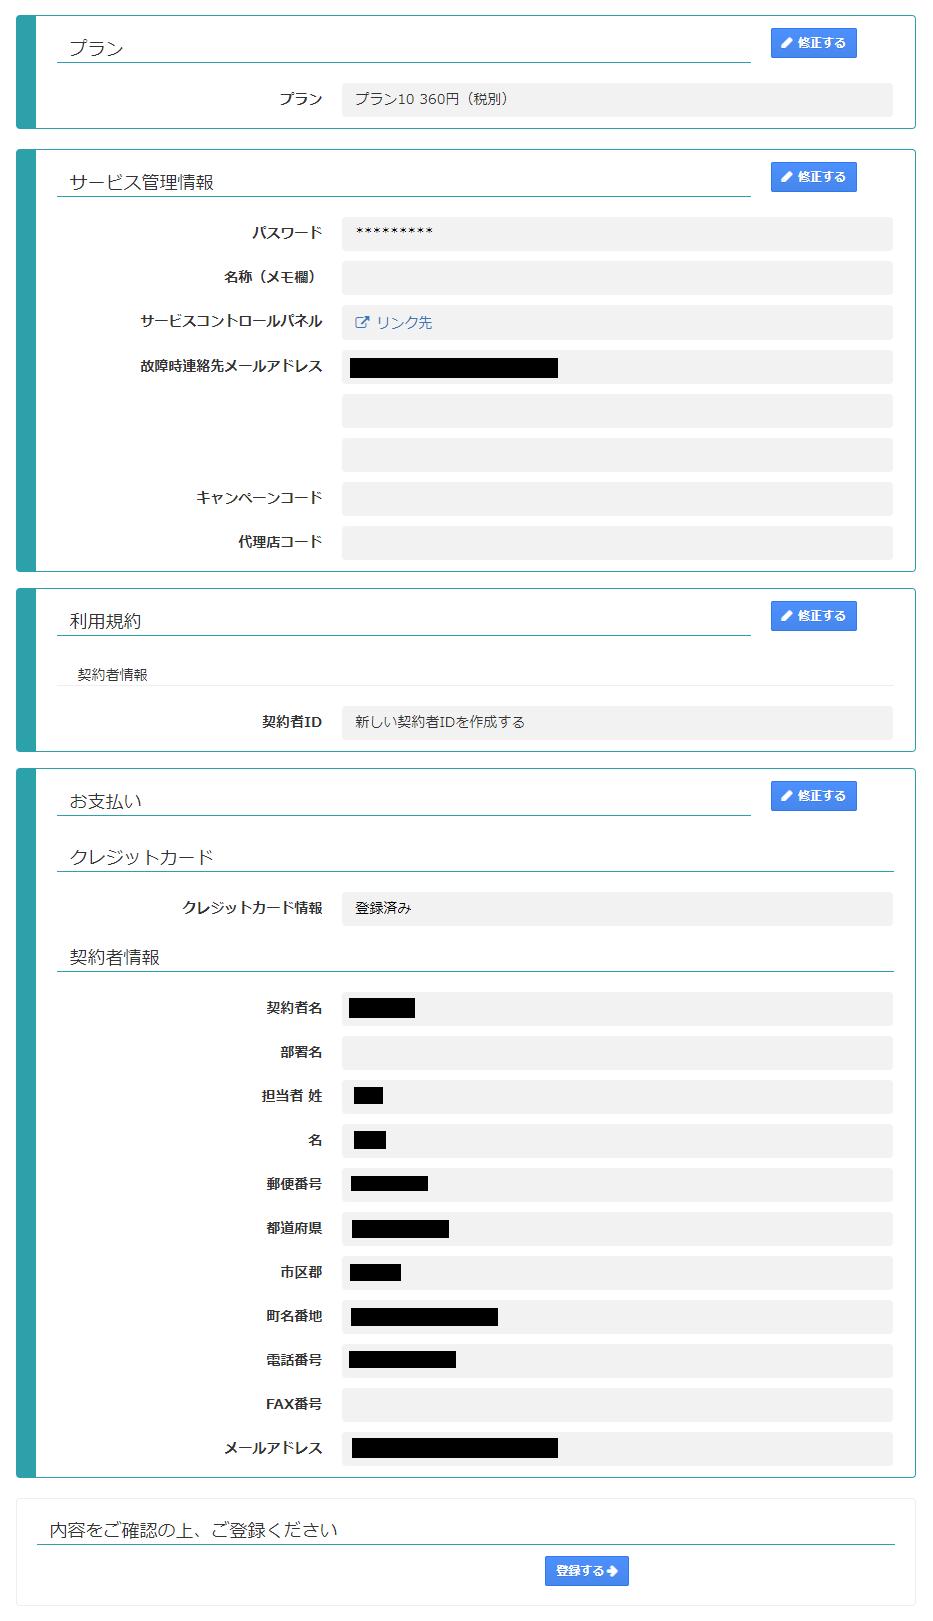 WebARENA-登録情報の確認